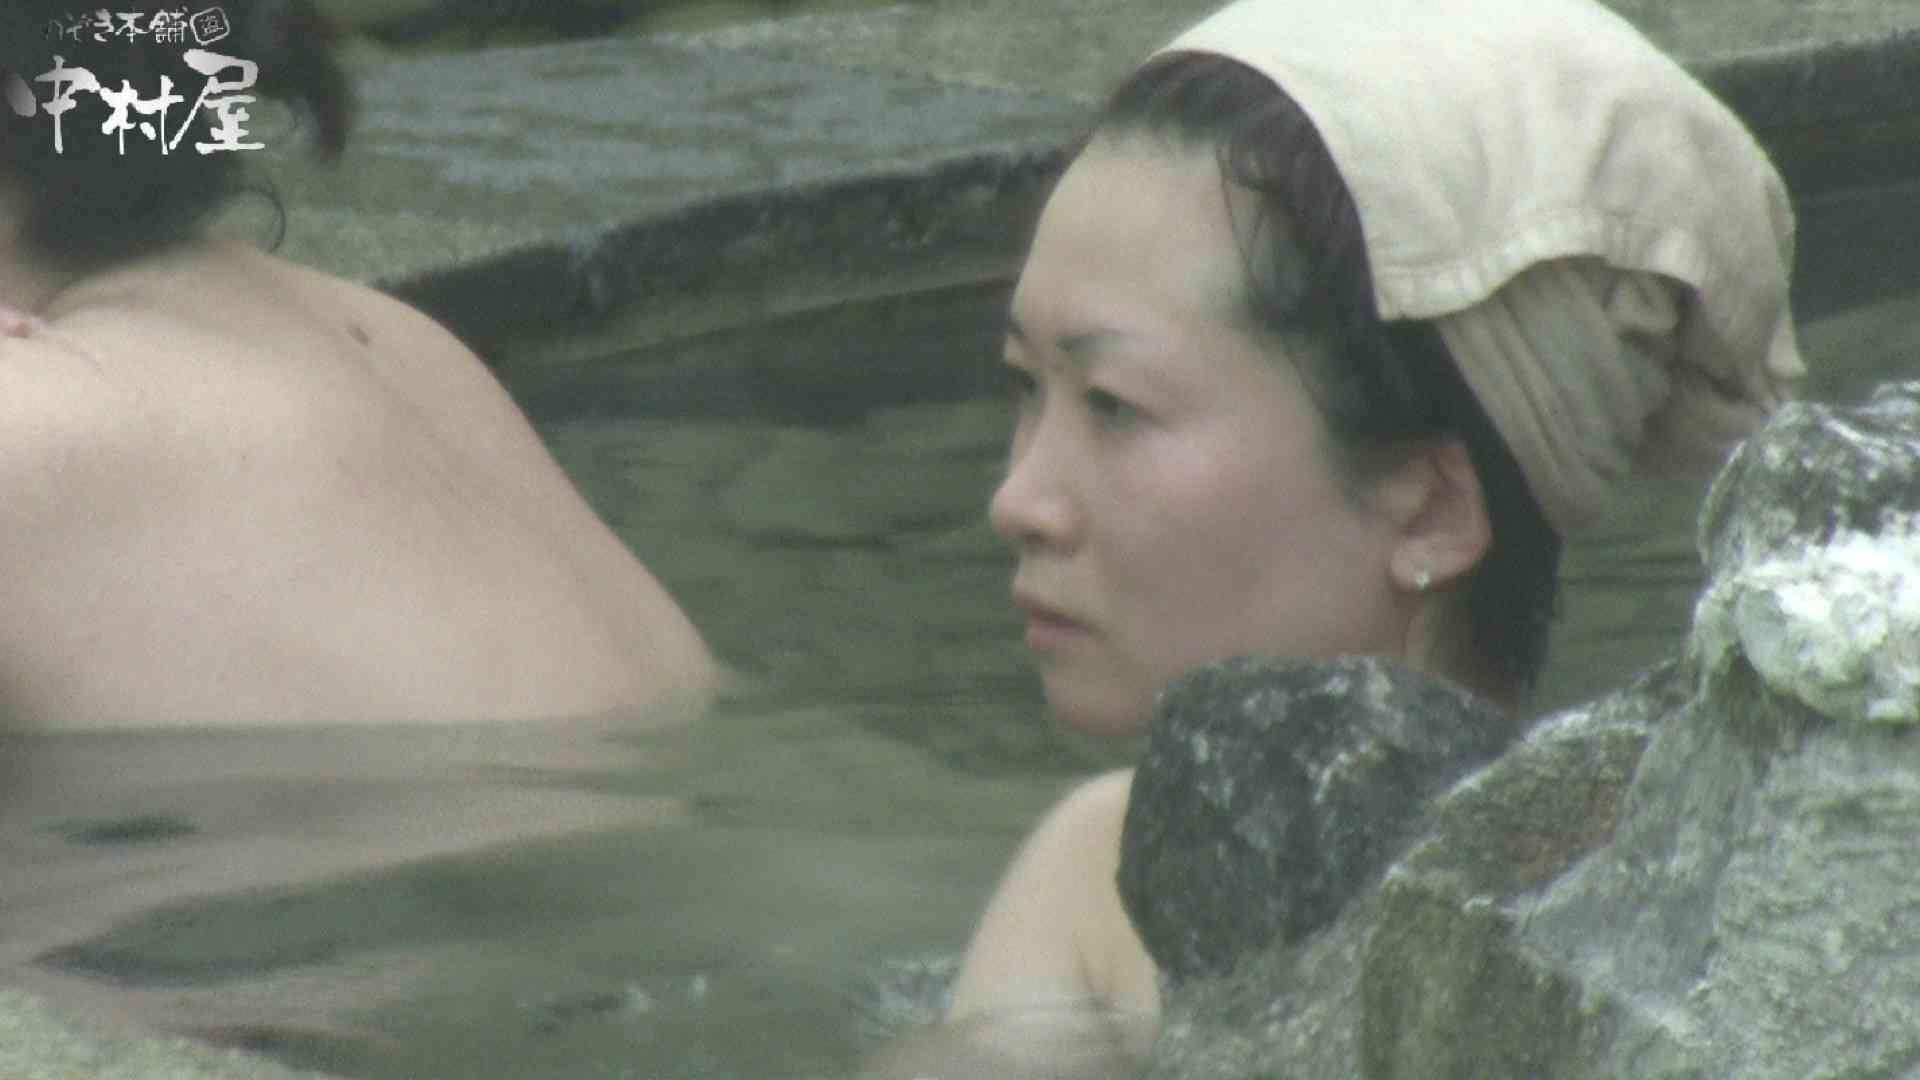 Aquaな露天風呂Vol.906 盗撮  92画像 87